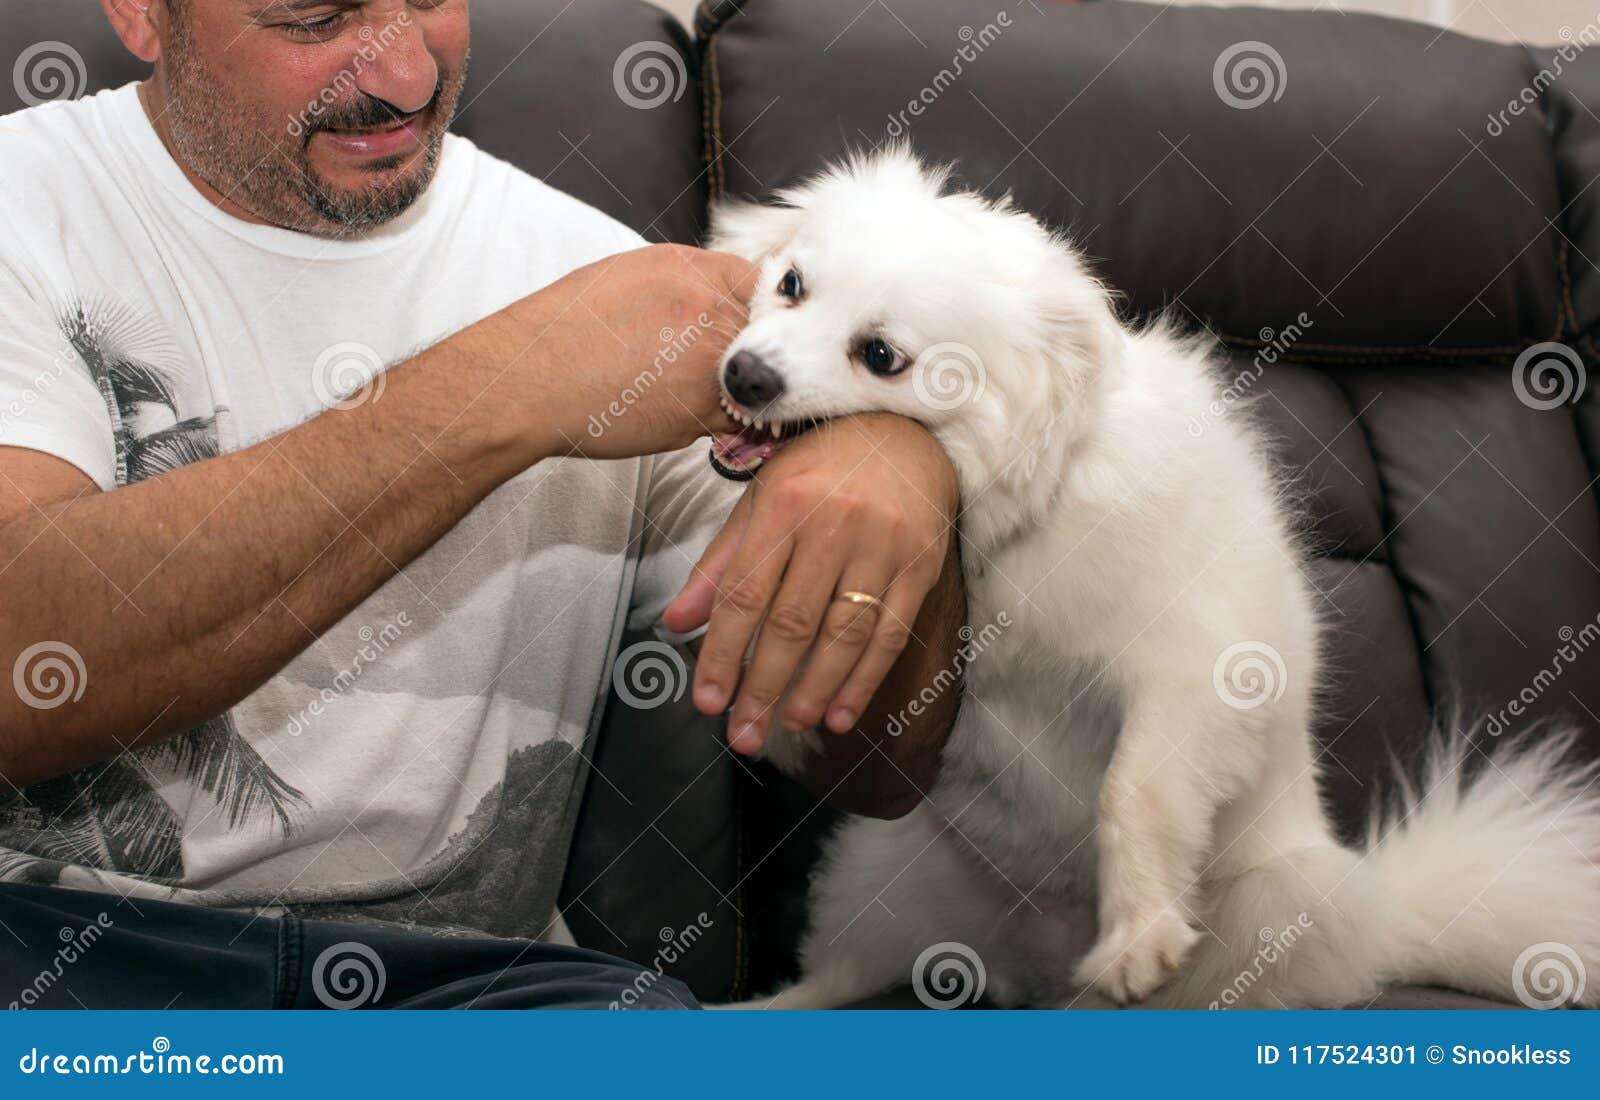 Hombre que es mordido por el perro